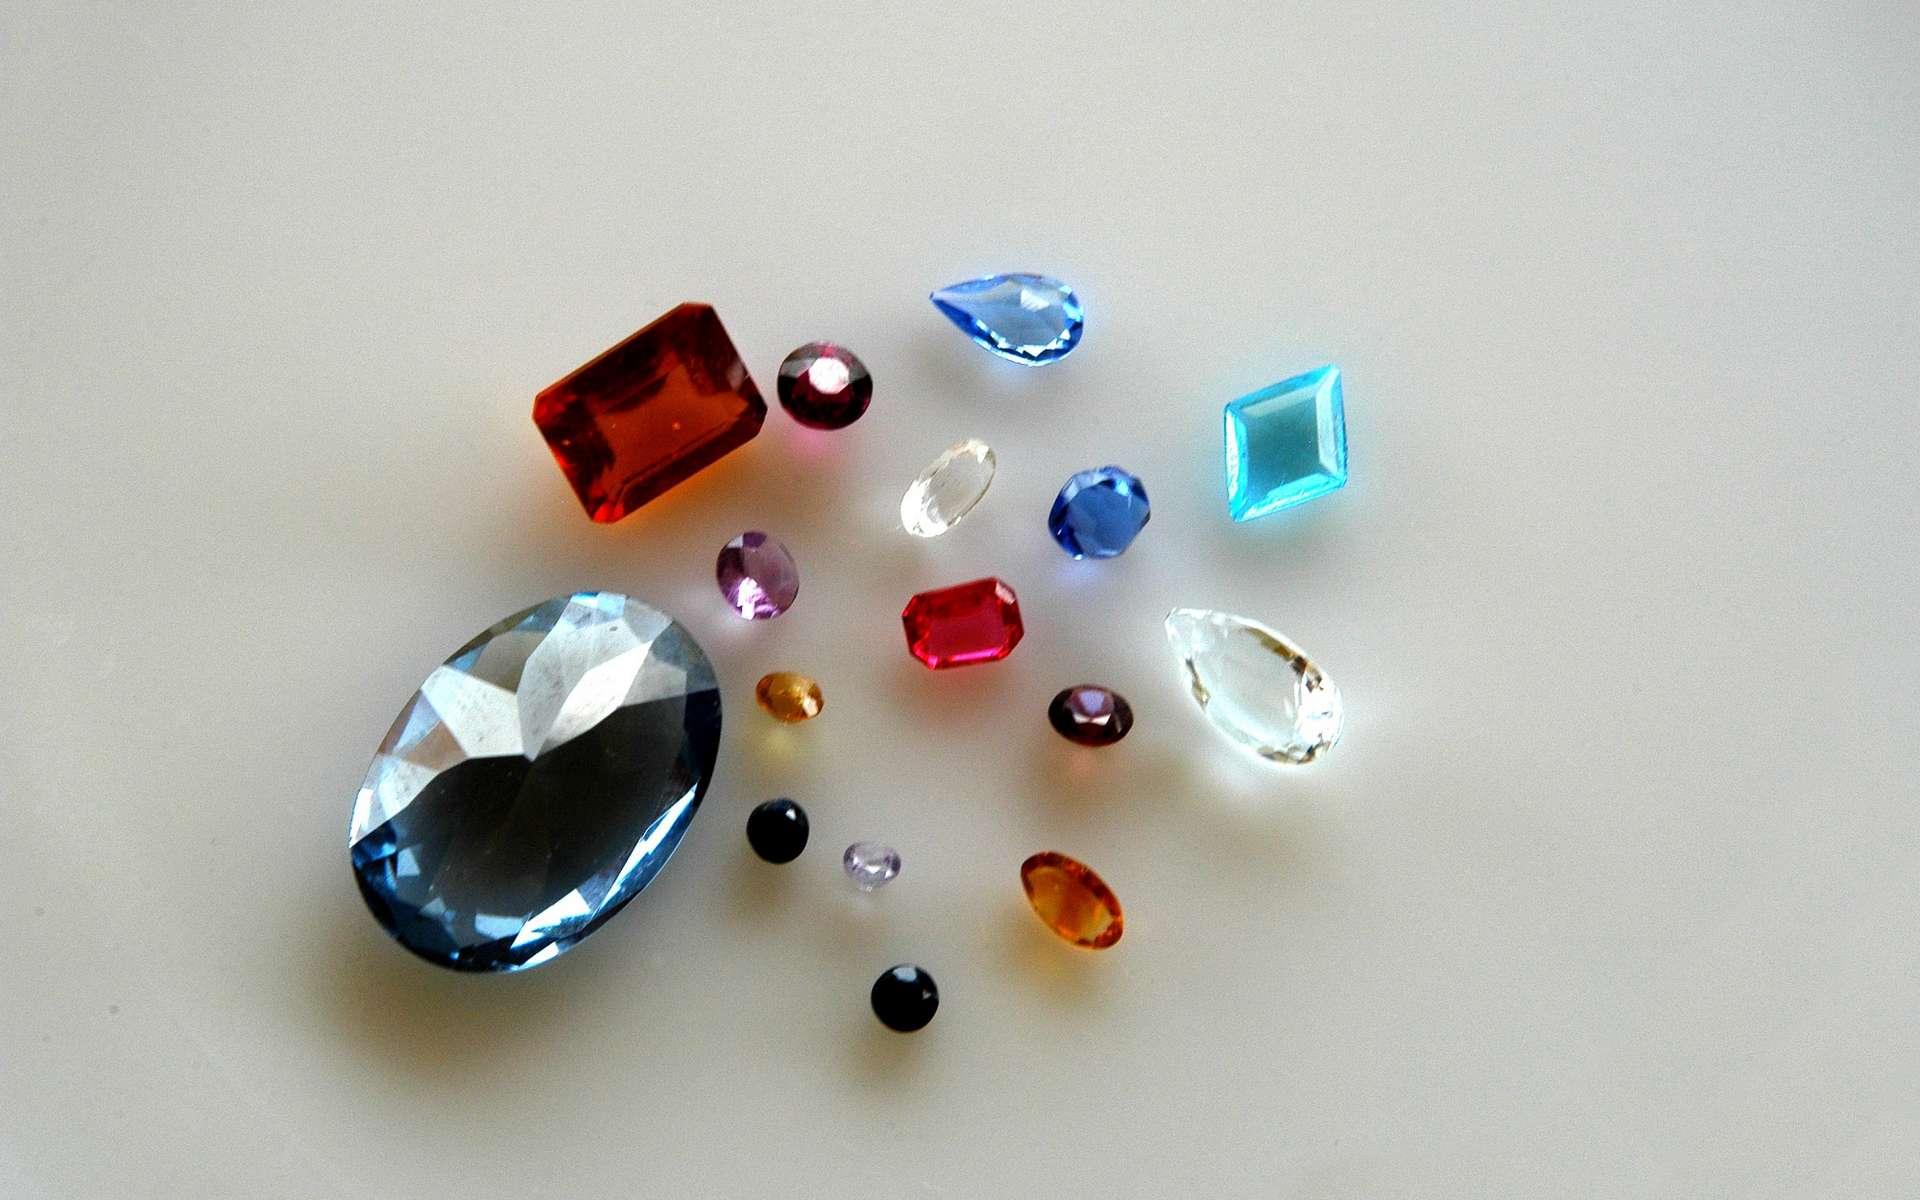 Le gemmologue s'intéresse aussi bien aux pierres précieuses qu'aux pierres ornementales ou pierres fines. © Gilles Paire, Adobe Stock.